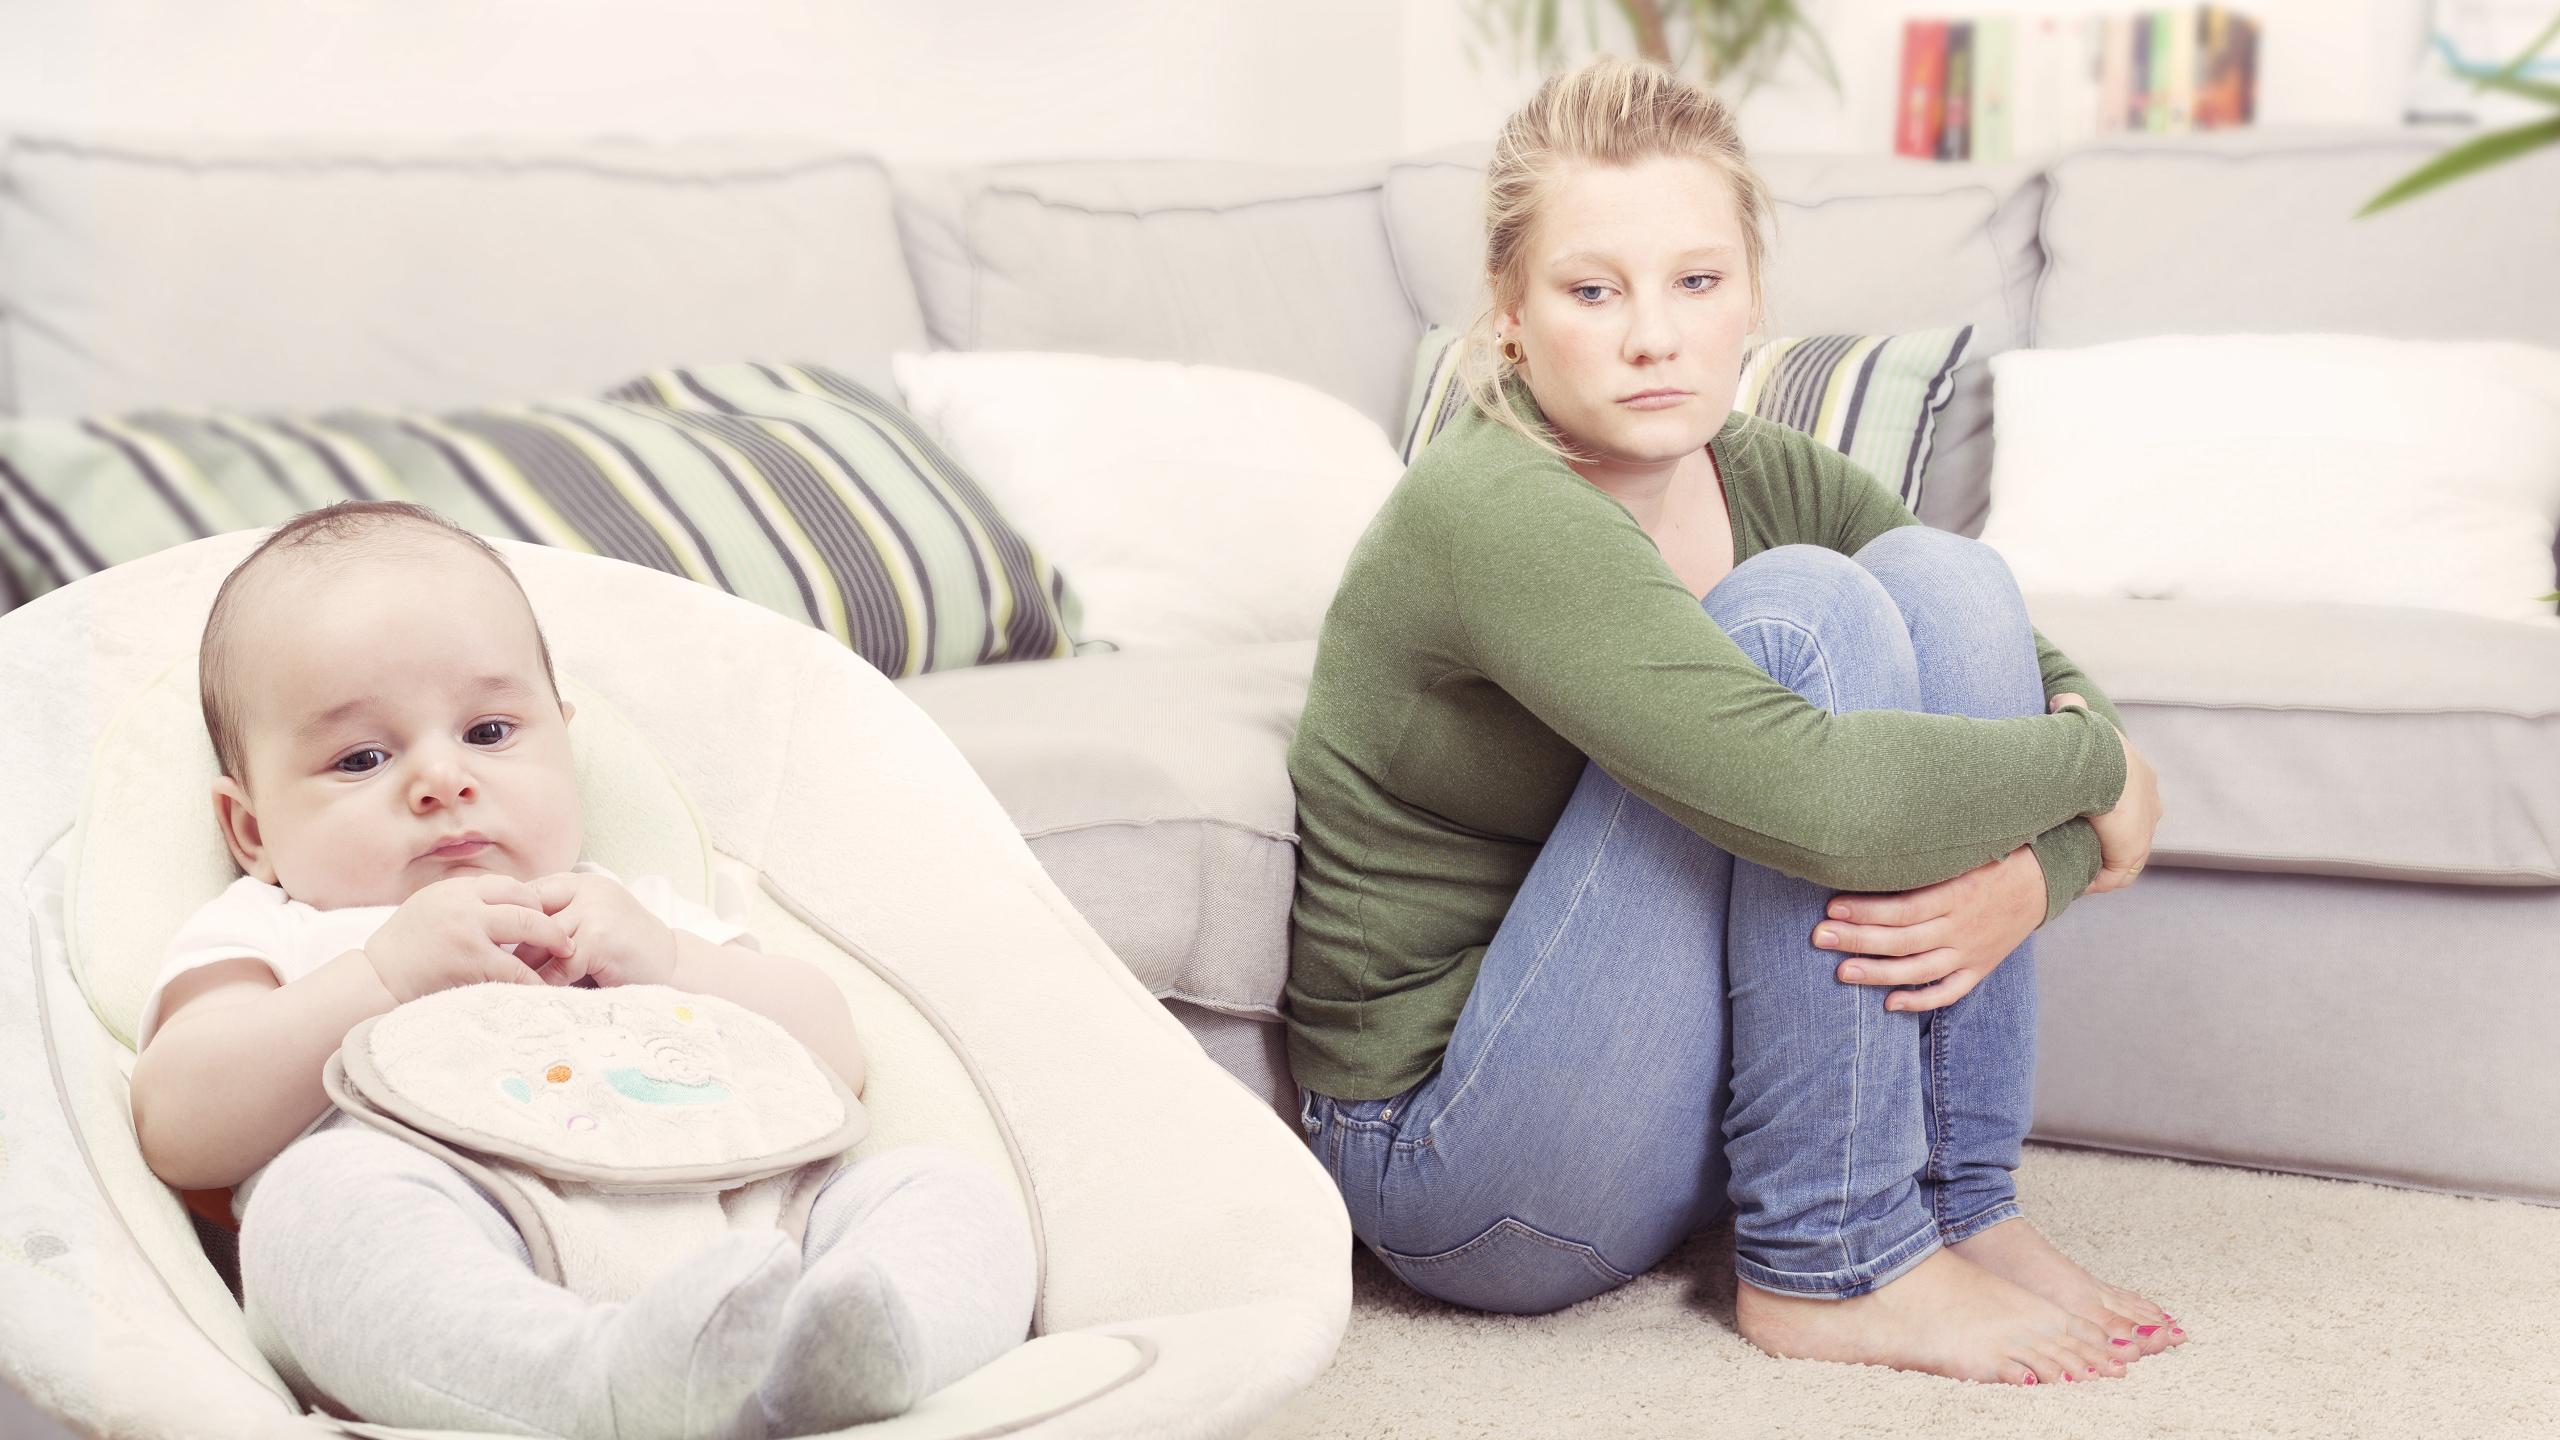 Пережившие послеродовое психическое расстройство женщины не захотели рожать еще